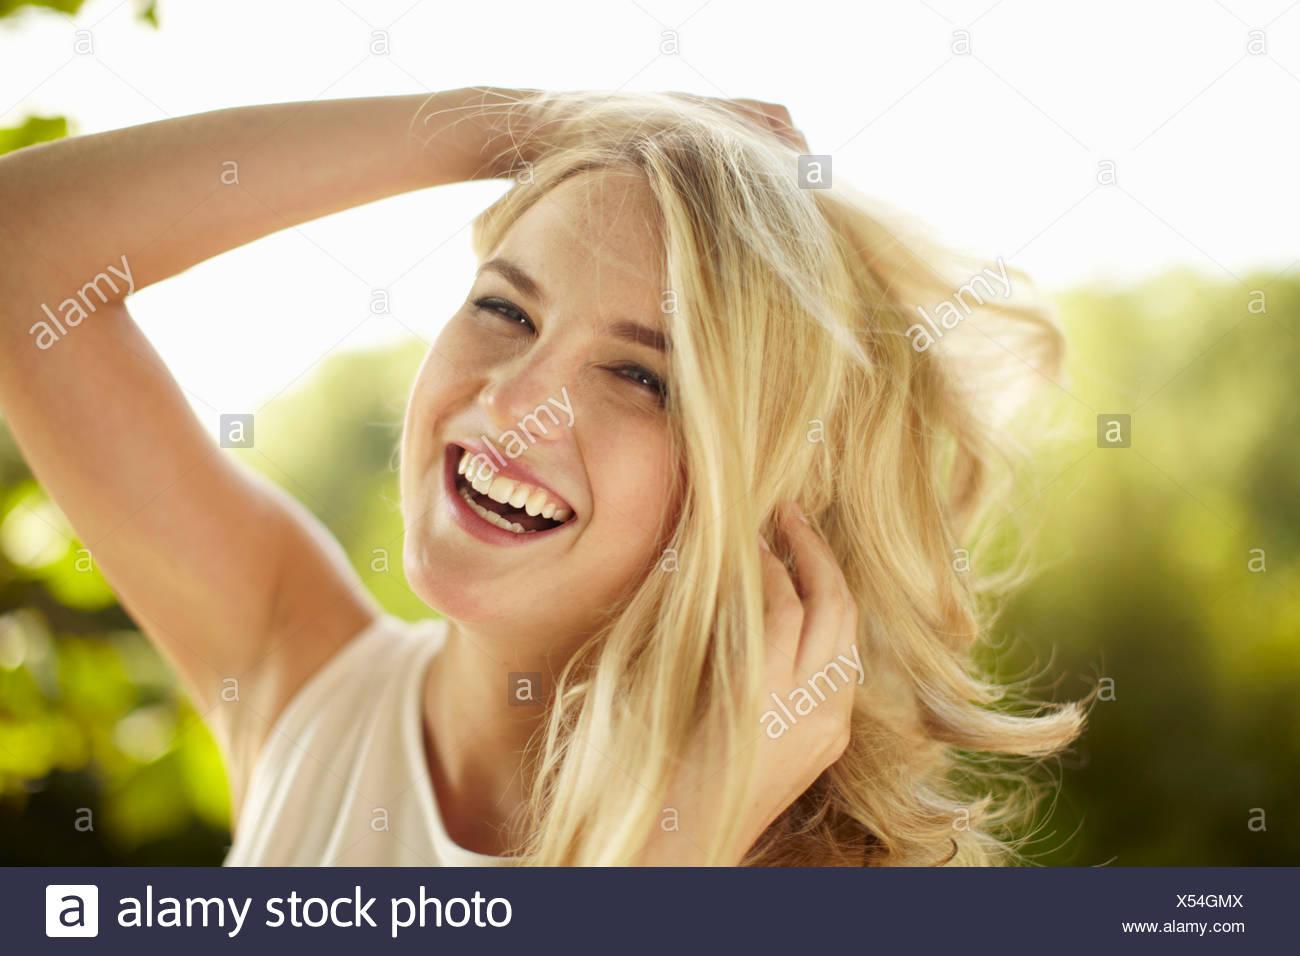 Junge Frau lachend mit Hände in ihr Haar im park Stockbild